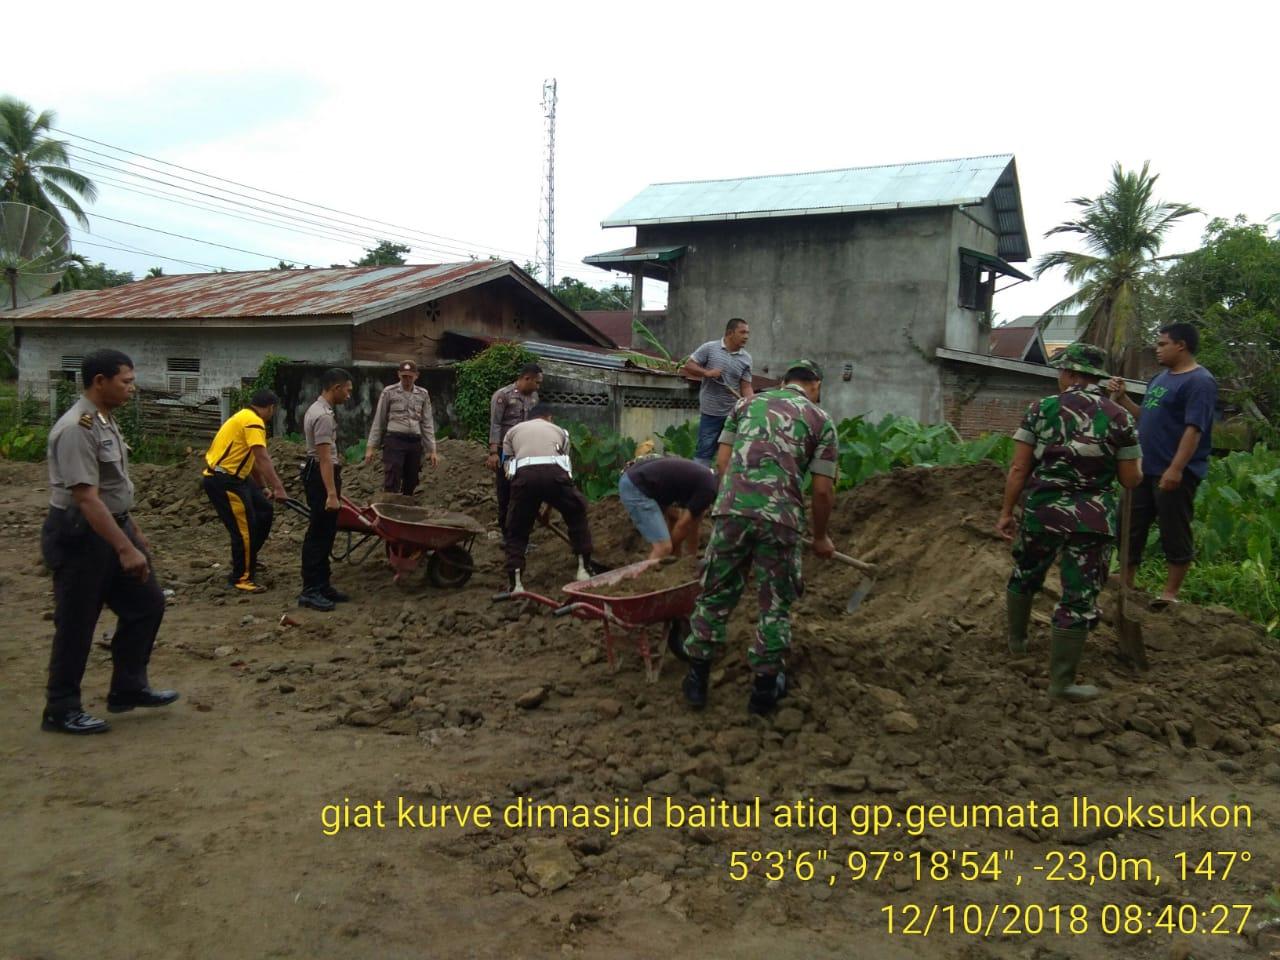 Rutinitas Jumat Pagi, Personel Jajaran Polres Aceh Utara Bersihkan Masjid